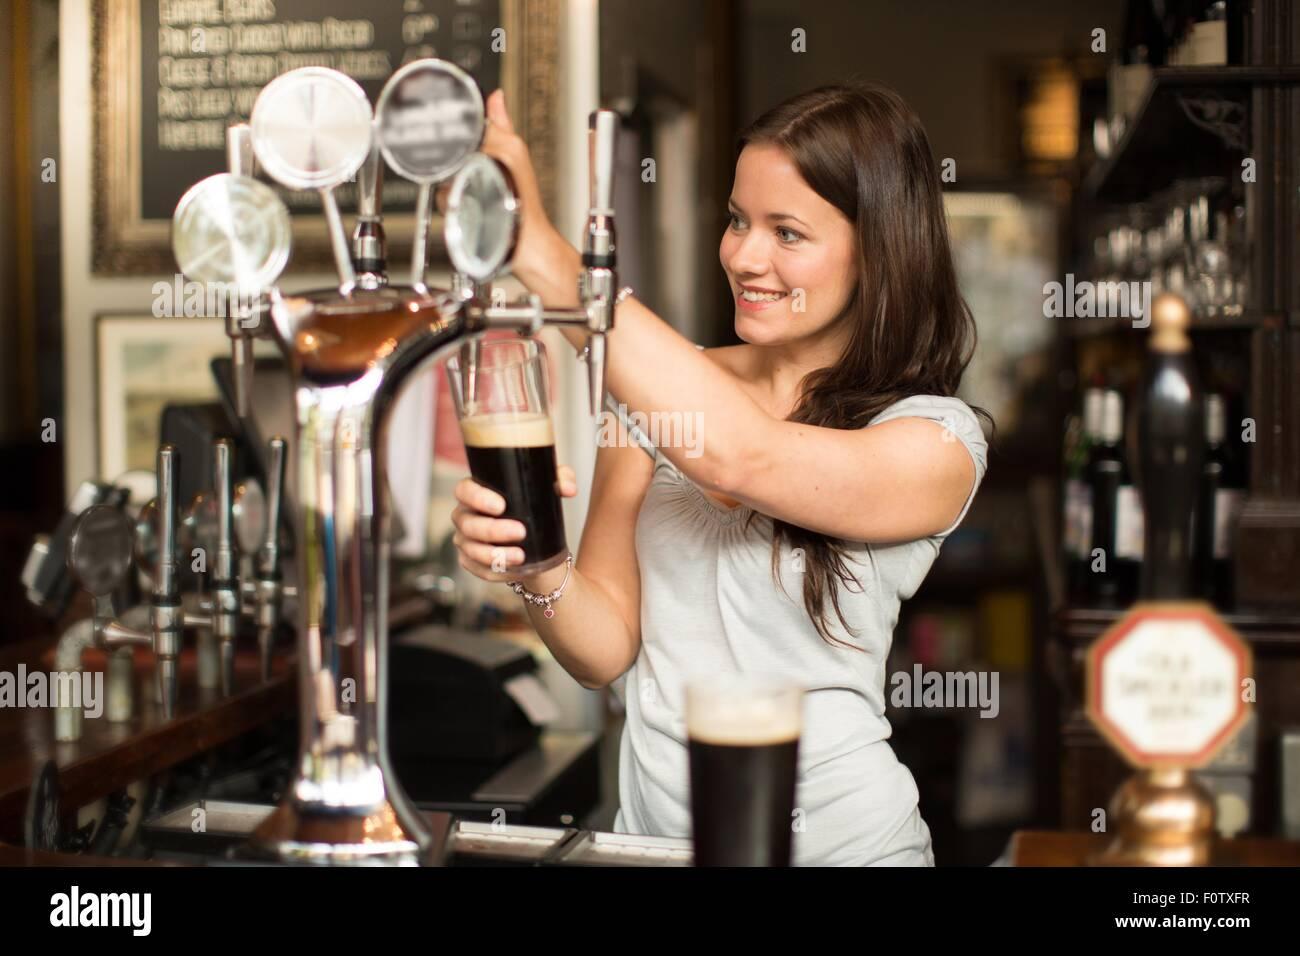 Mitte erwachsenen Frau im Wirtshaus servieren von Getränken Stockbild